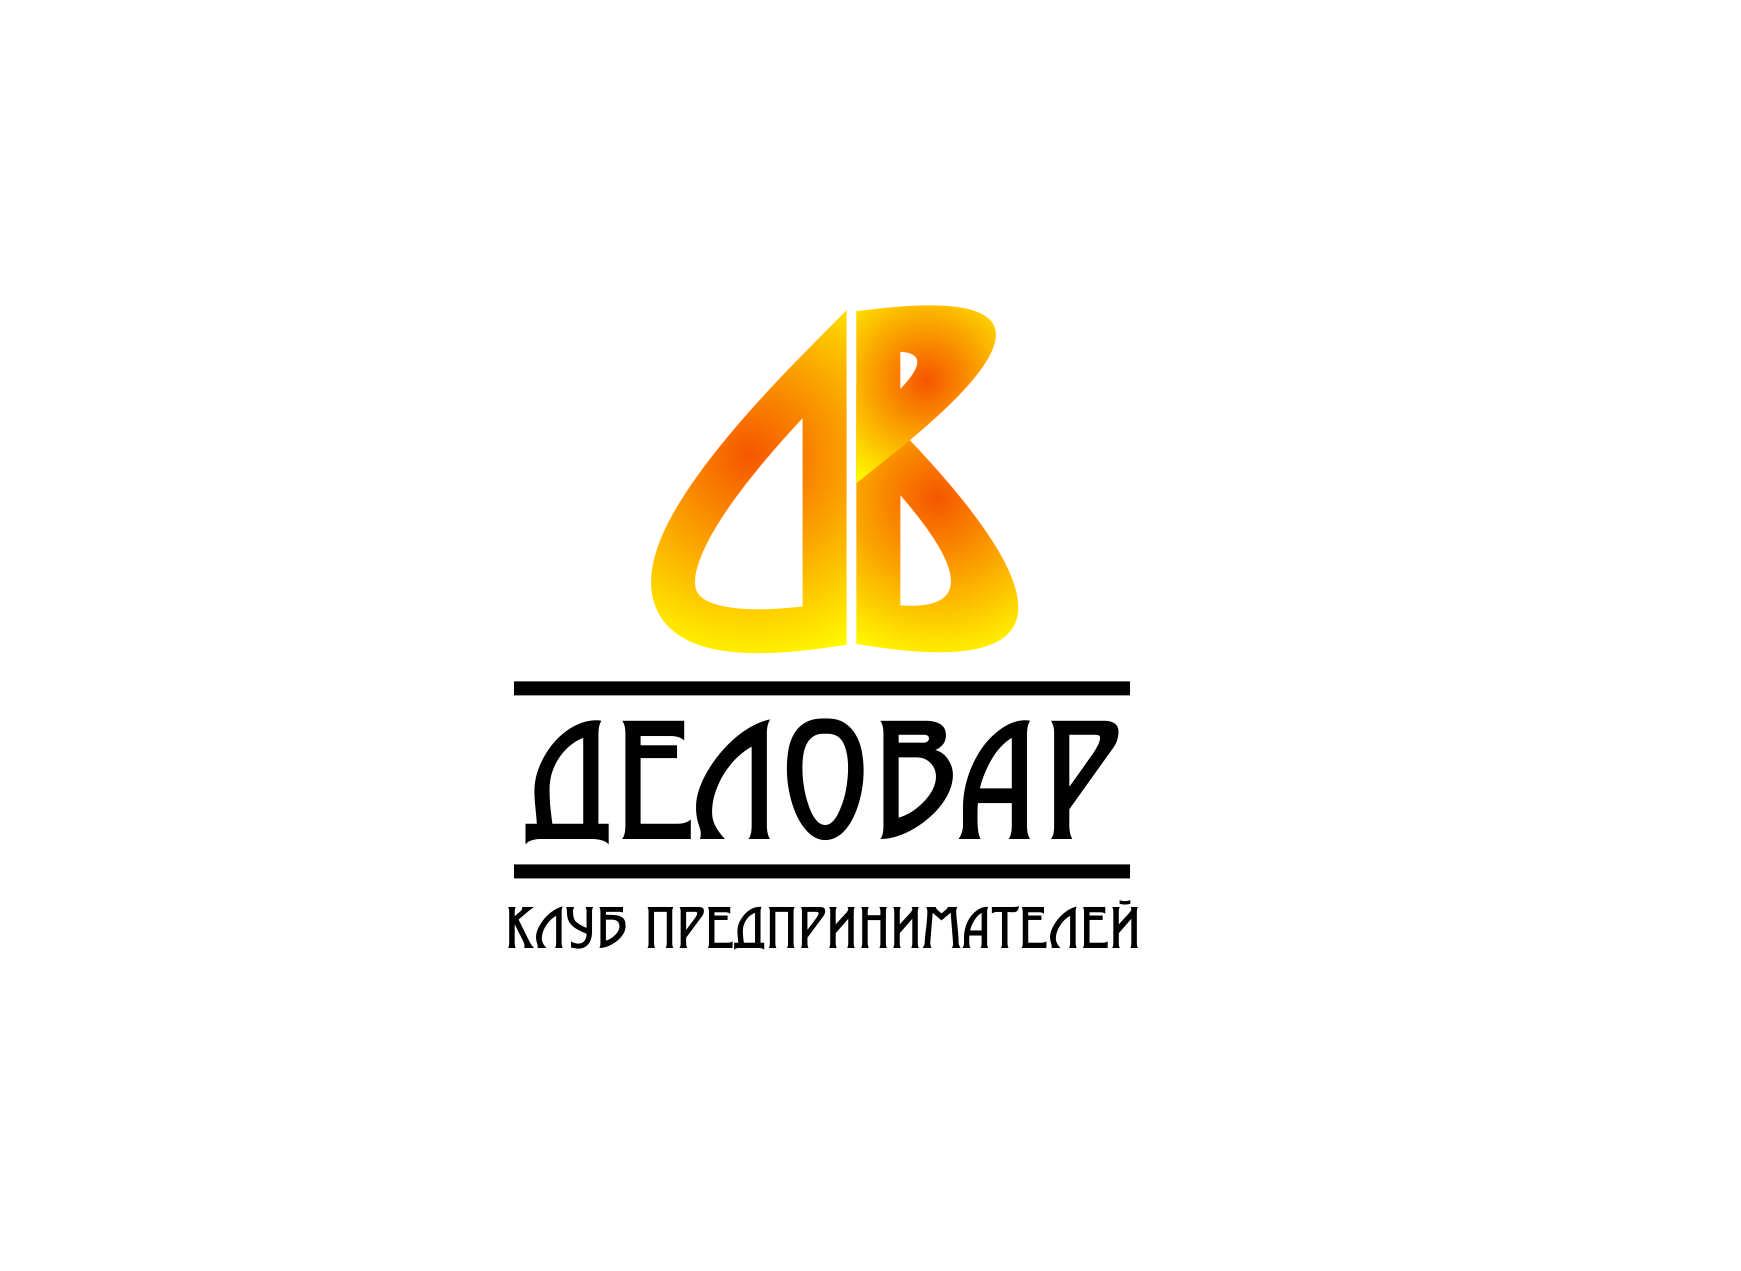 """Логотип и фирм. стиль для Клуба предпринимателей """"Деловар"""" фото f_5045d2878f87c.jpg"""